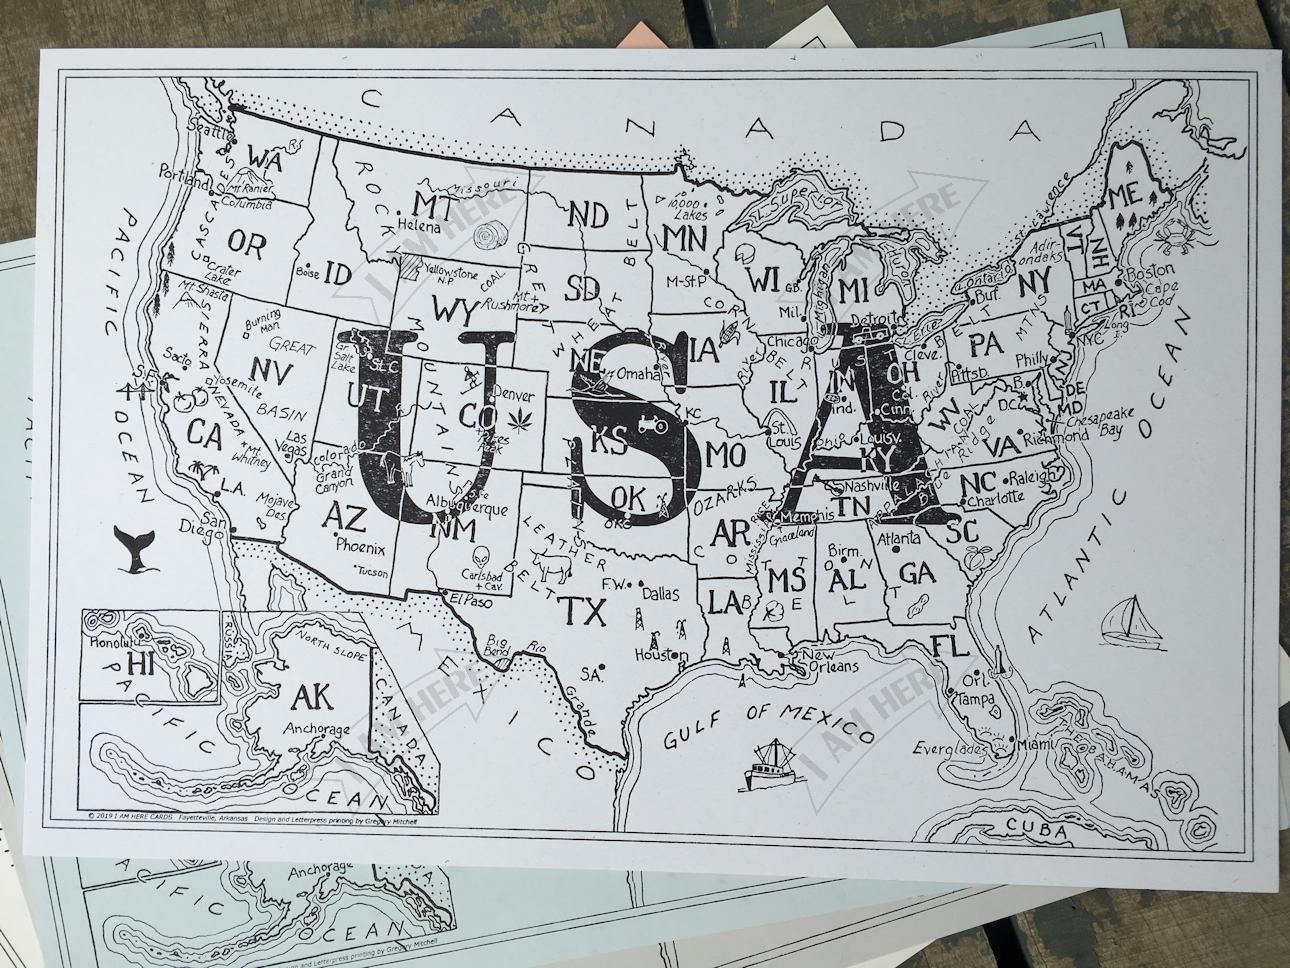 USA_12x19.png